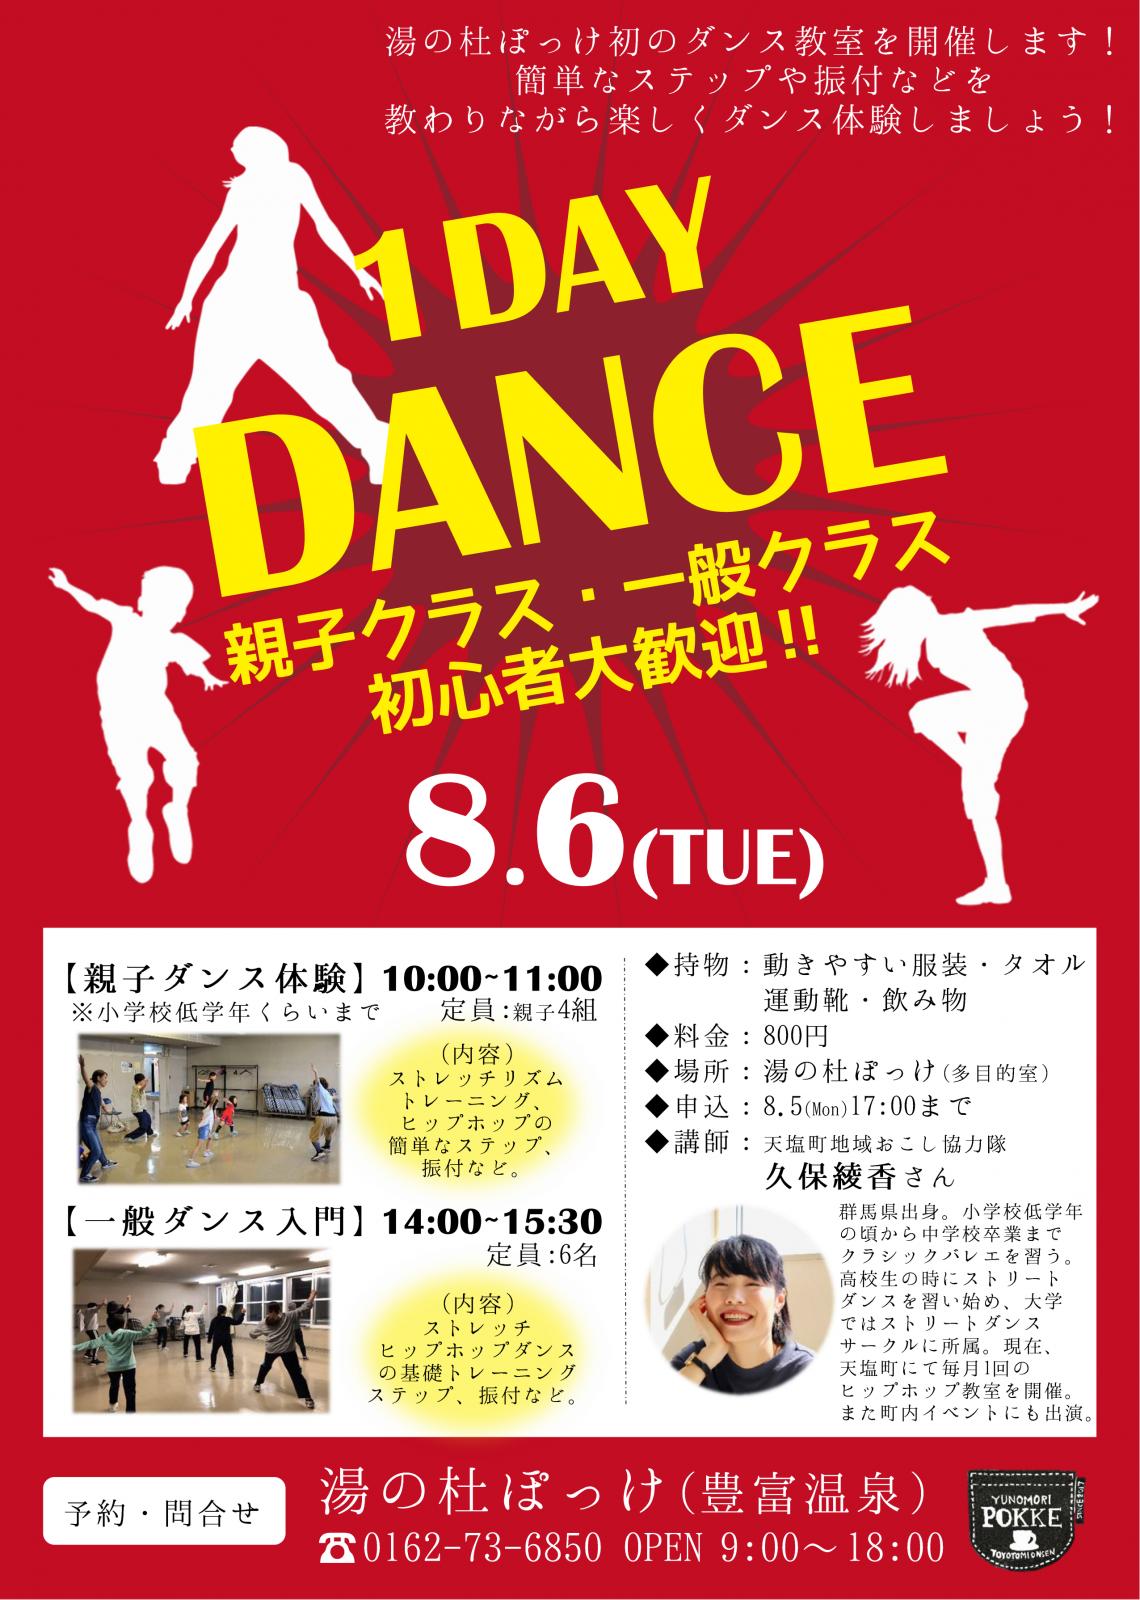 親子ダンス体験(初心者大歓迎)